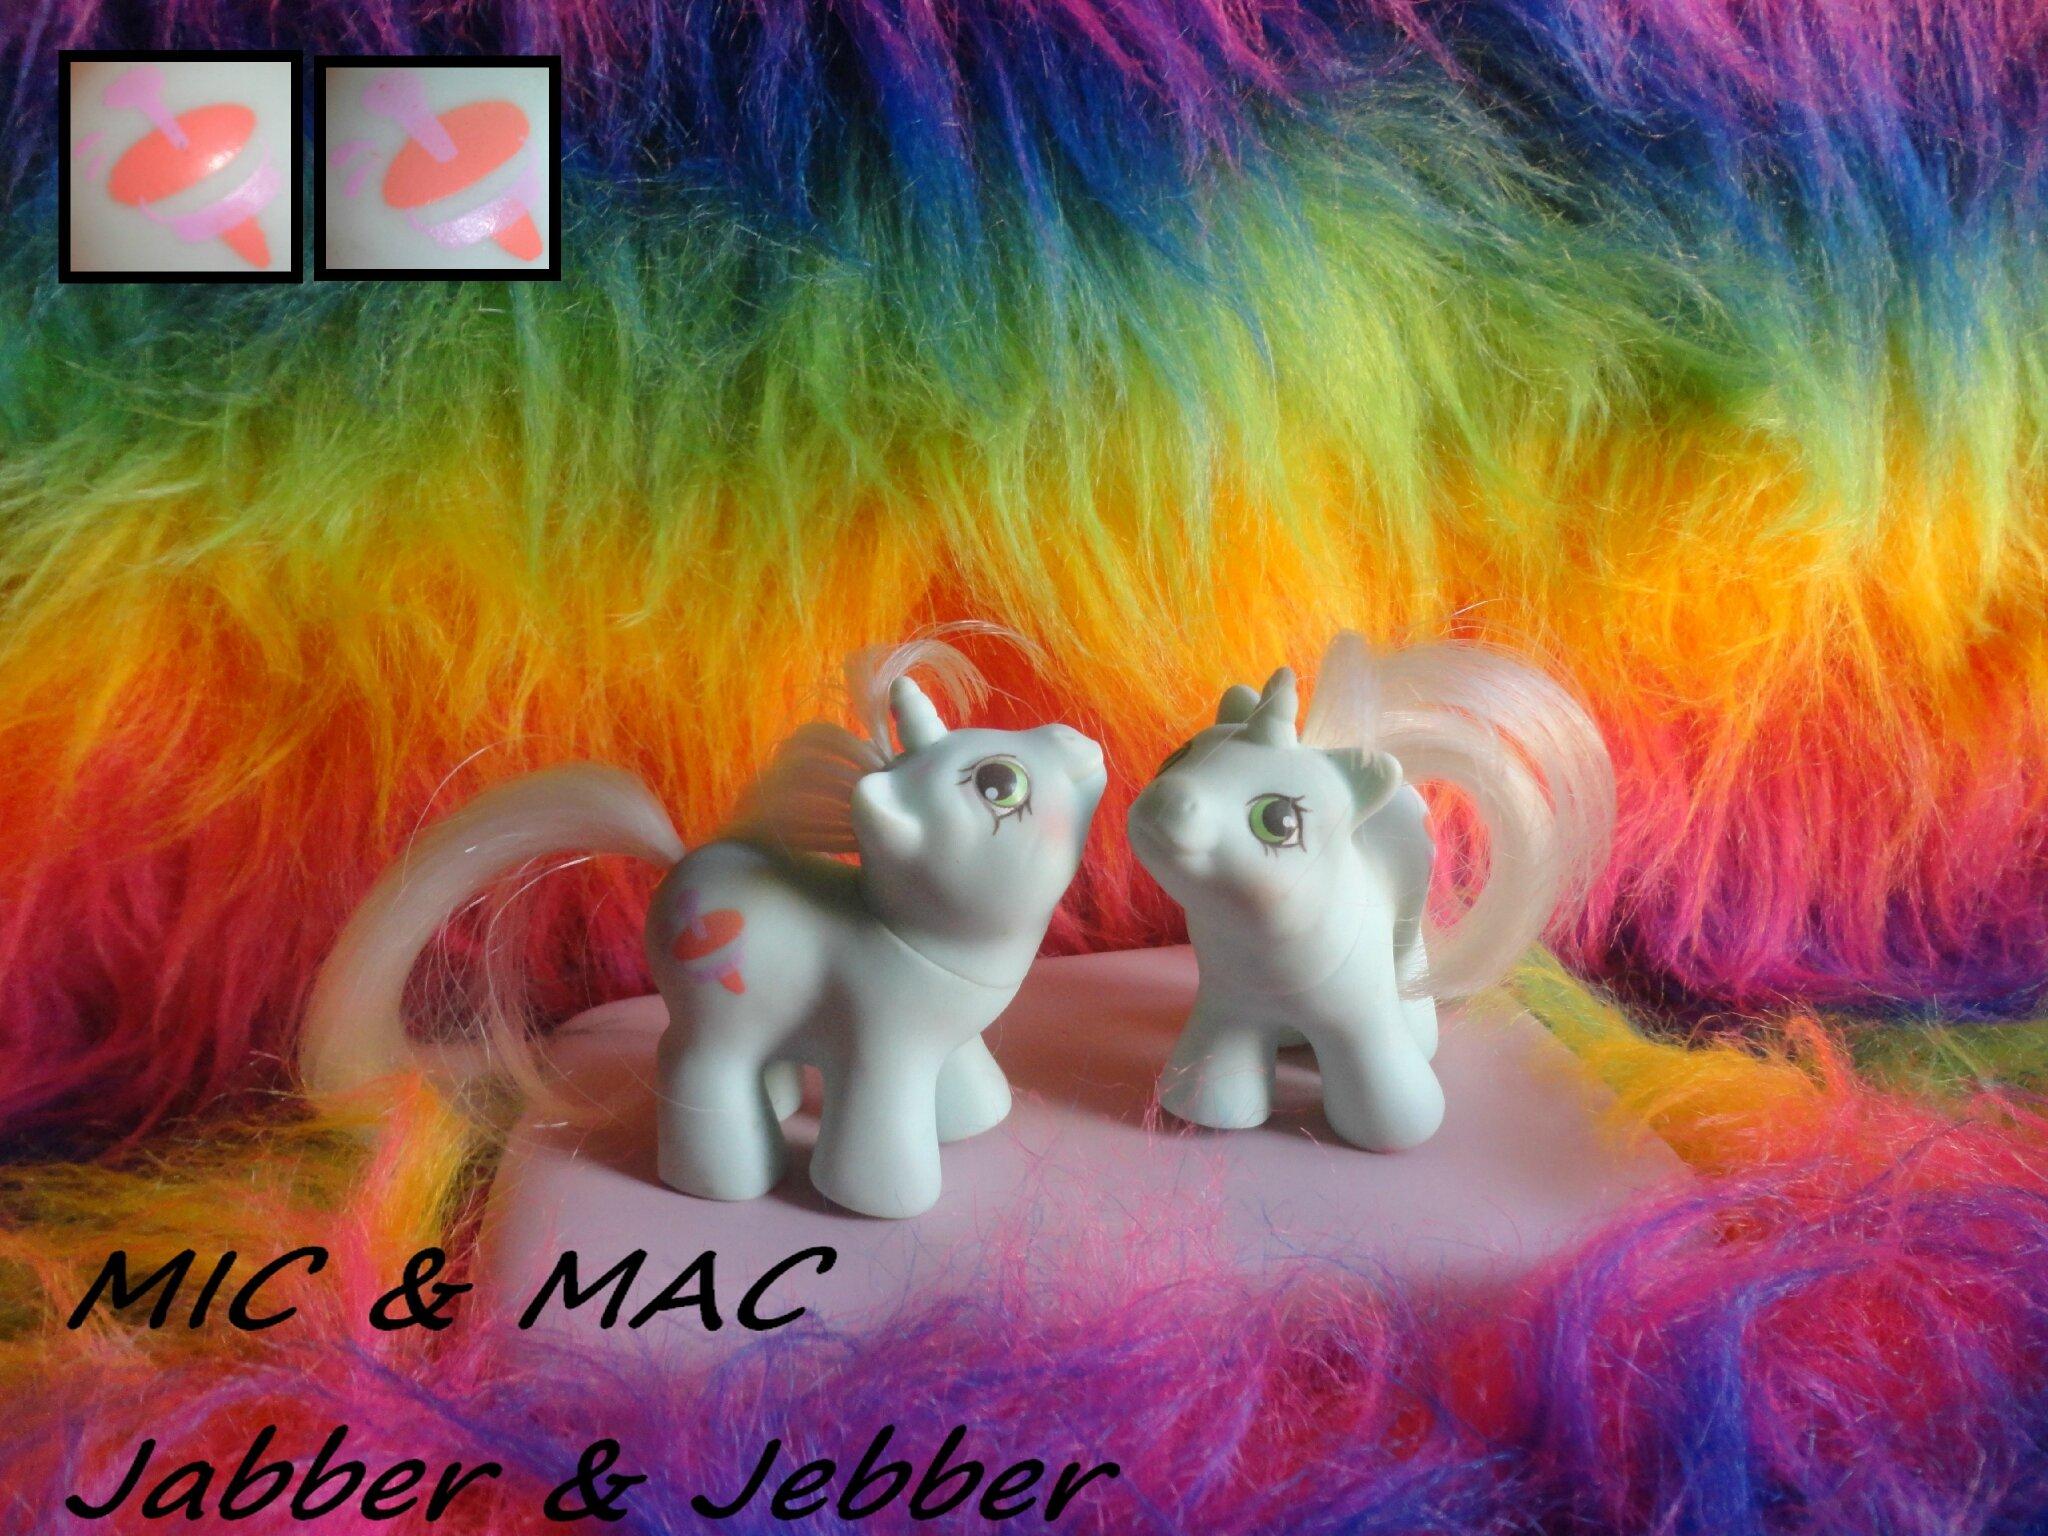 MIC & MAC Jabber & Jebber